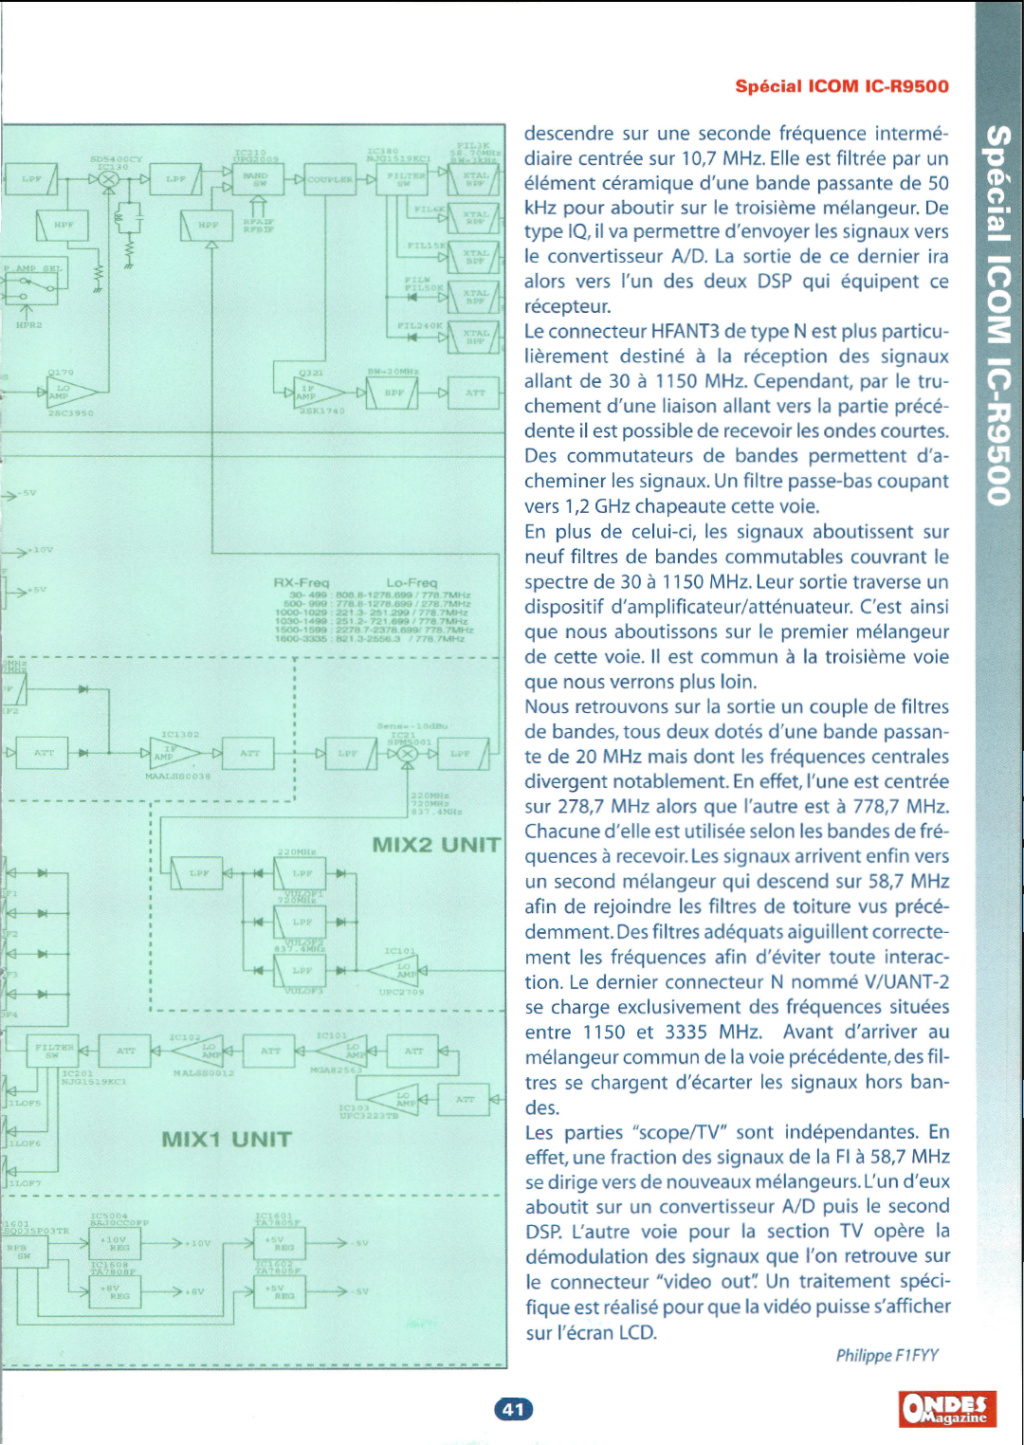 Icom IC-R9500-02 Captu159